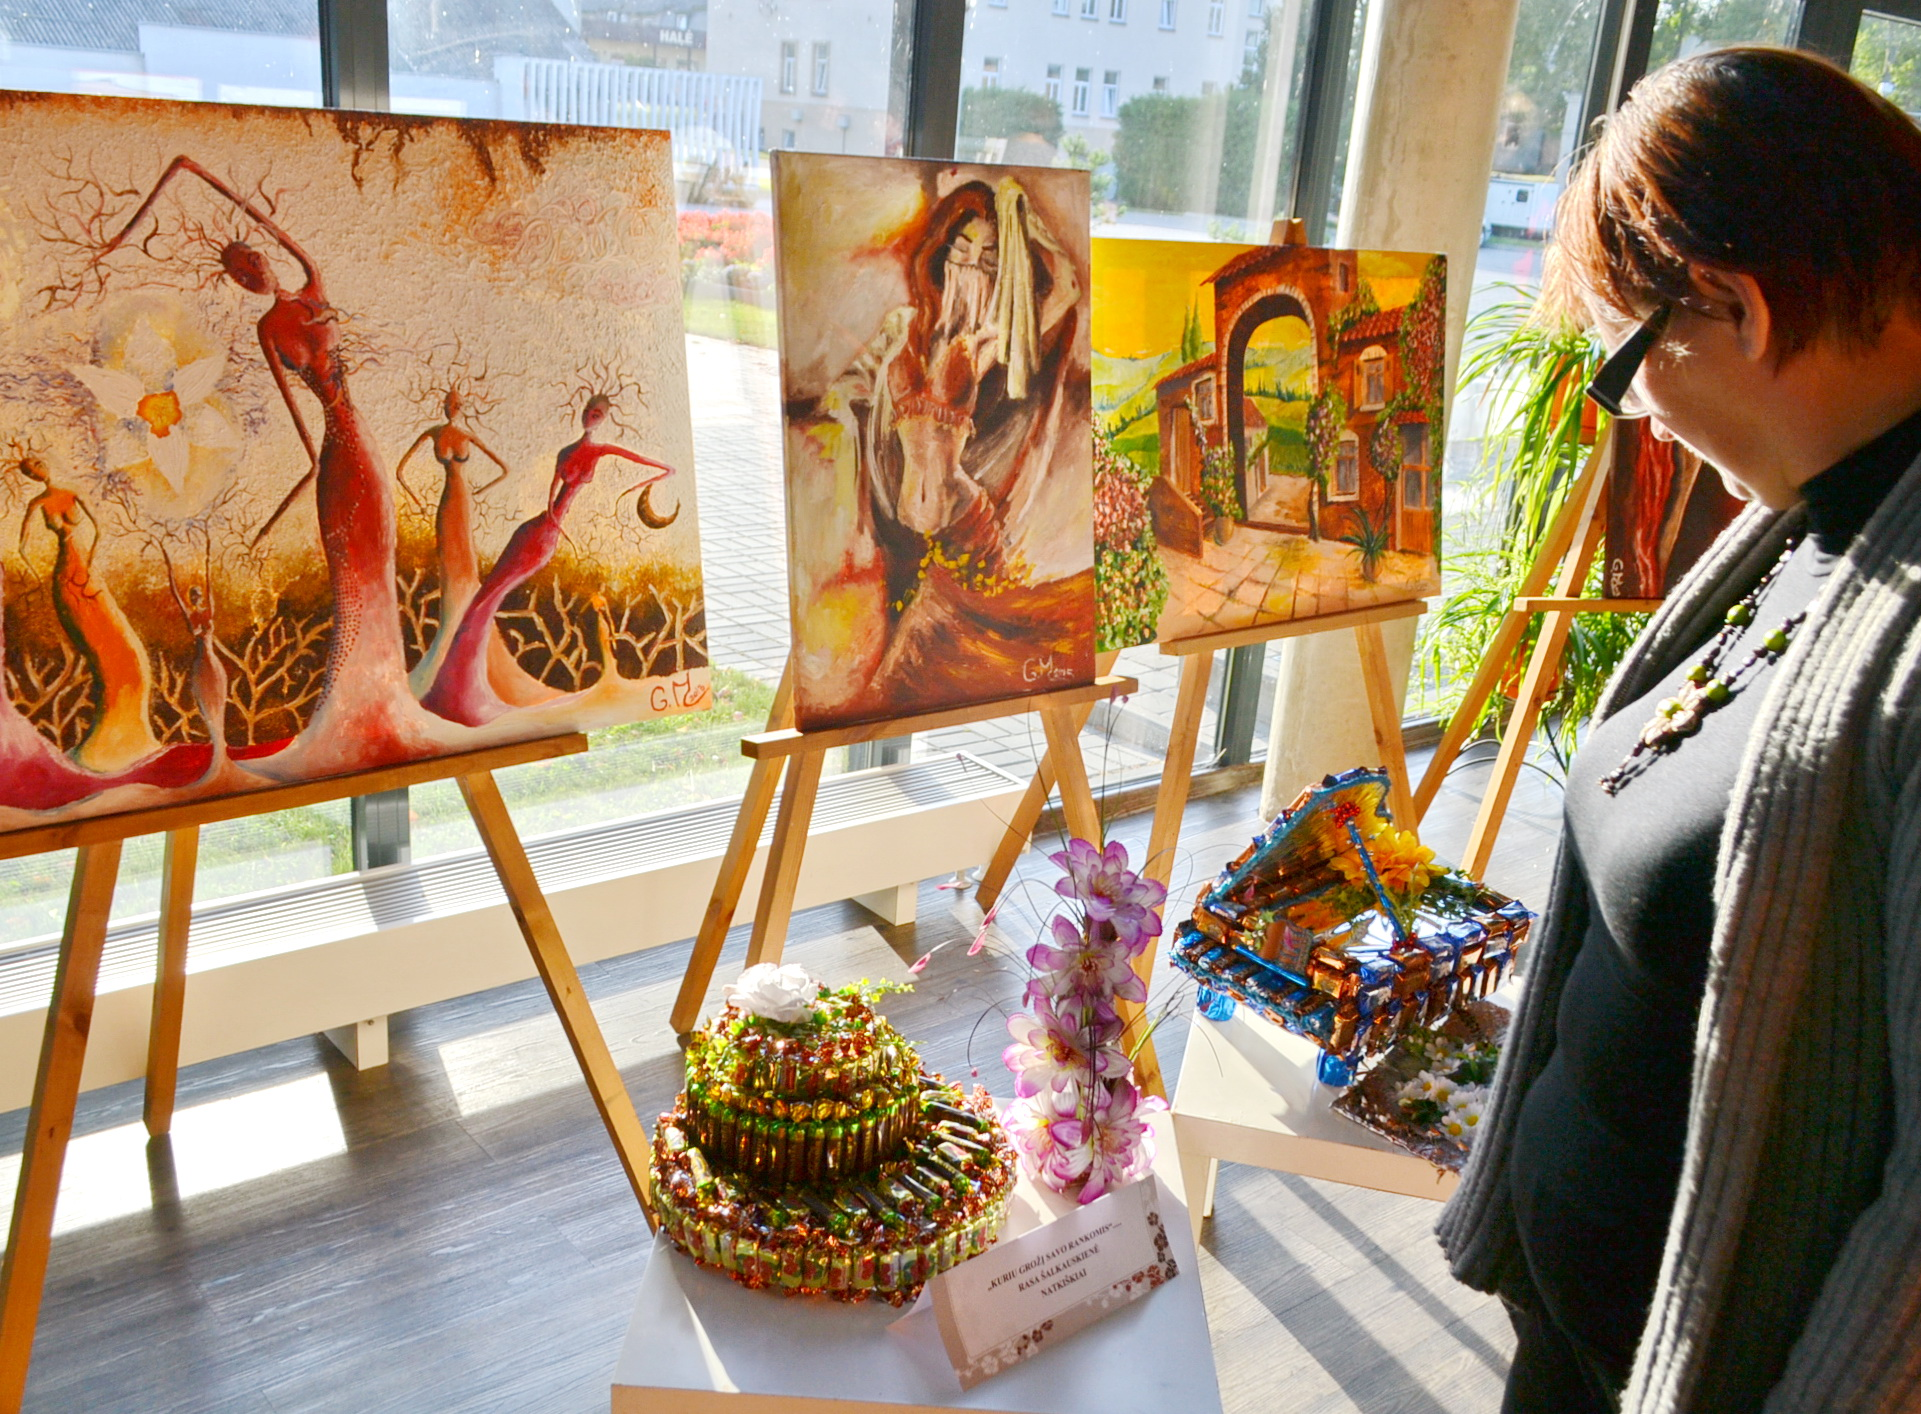 Šventės išvakarėse vykusioje bendruomenių vakaronėje bendruomenių atstovai demonstravo savo talentus.